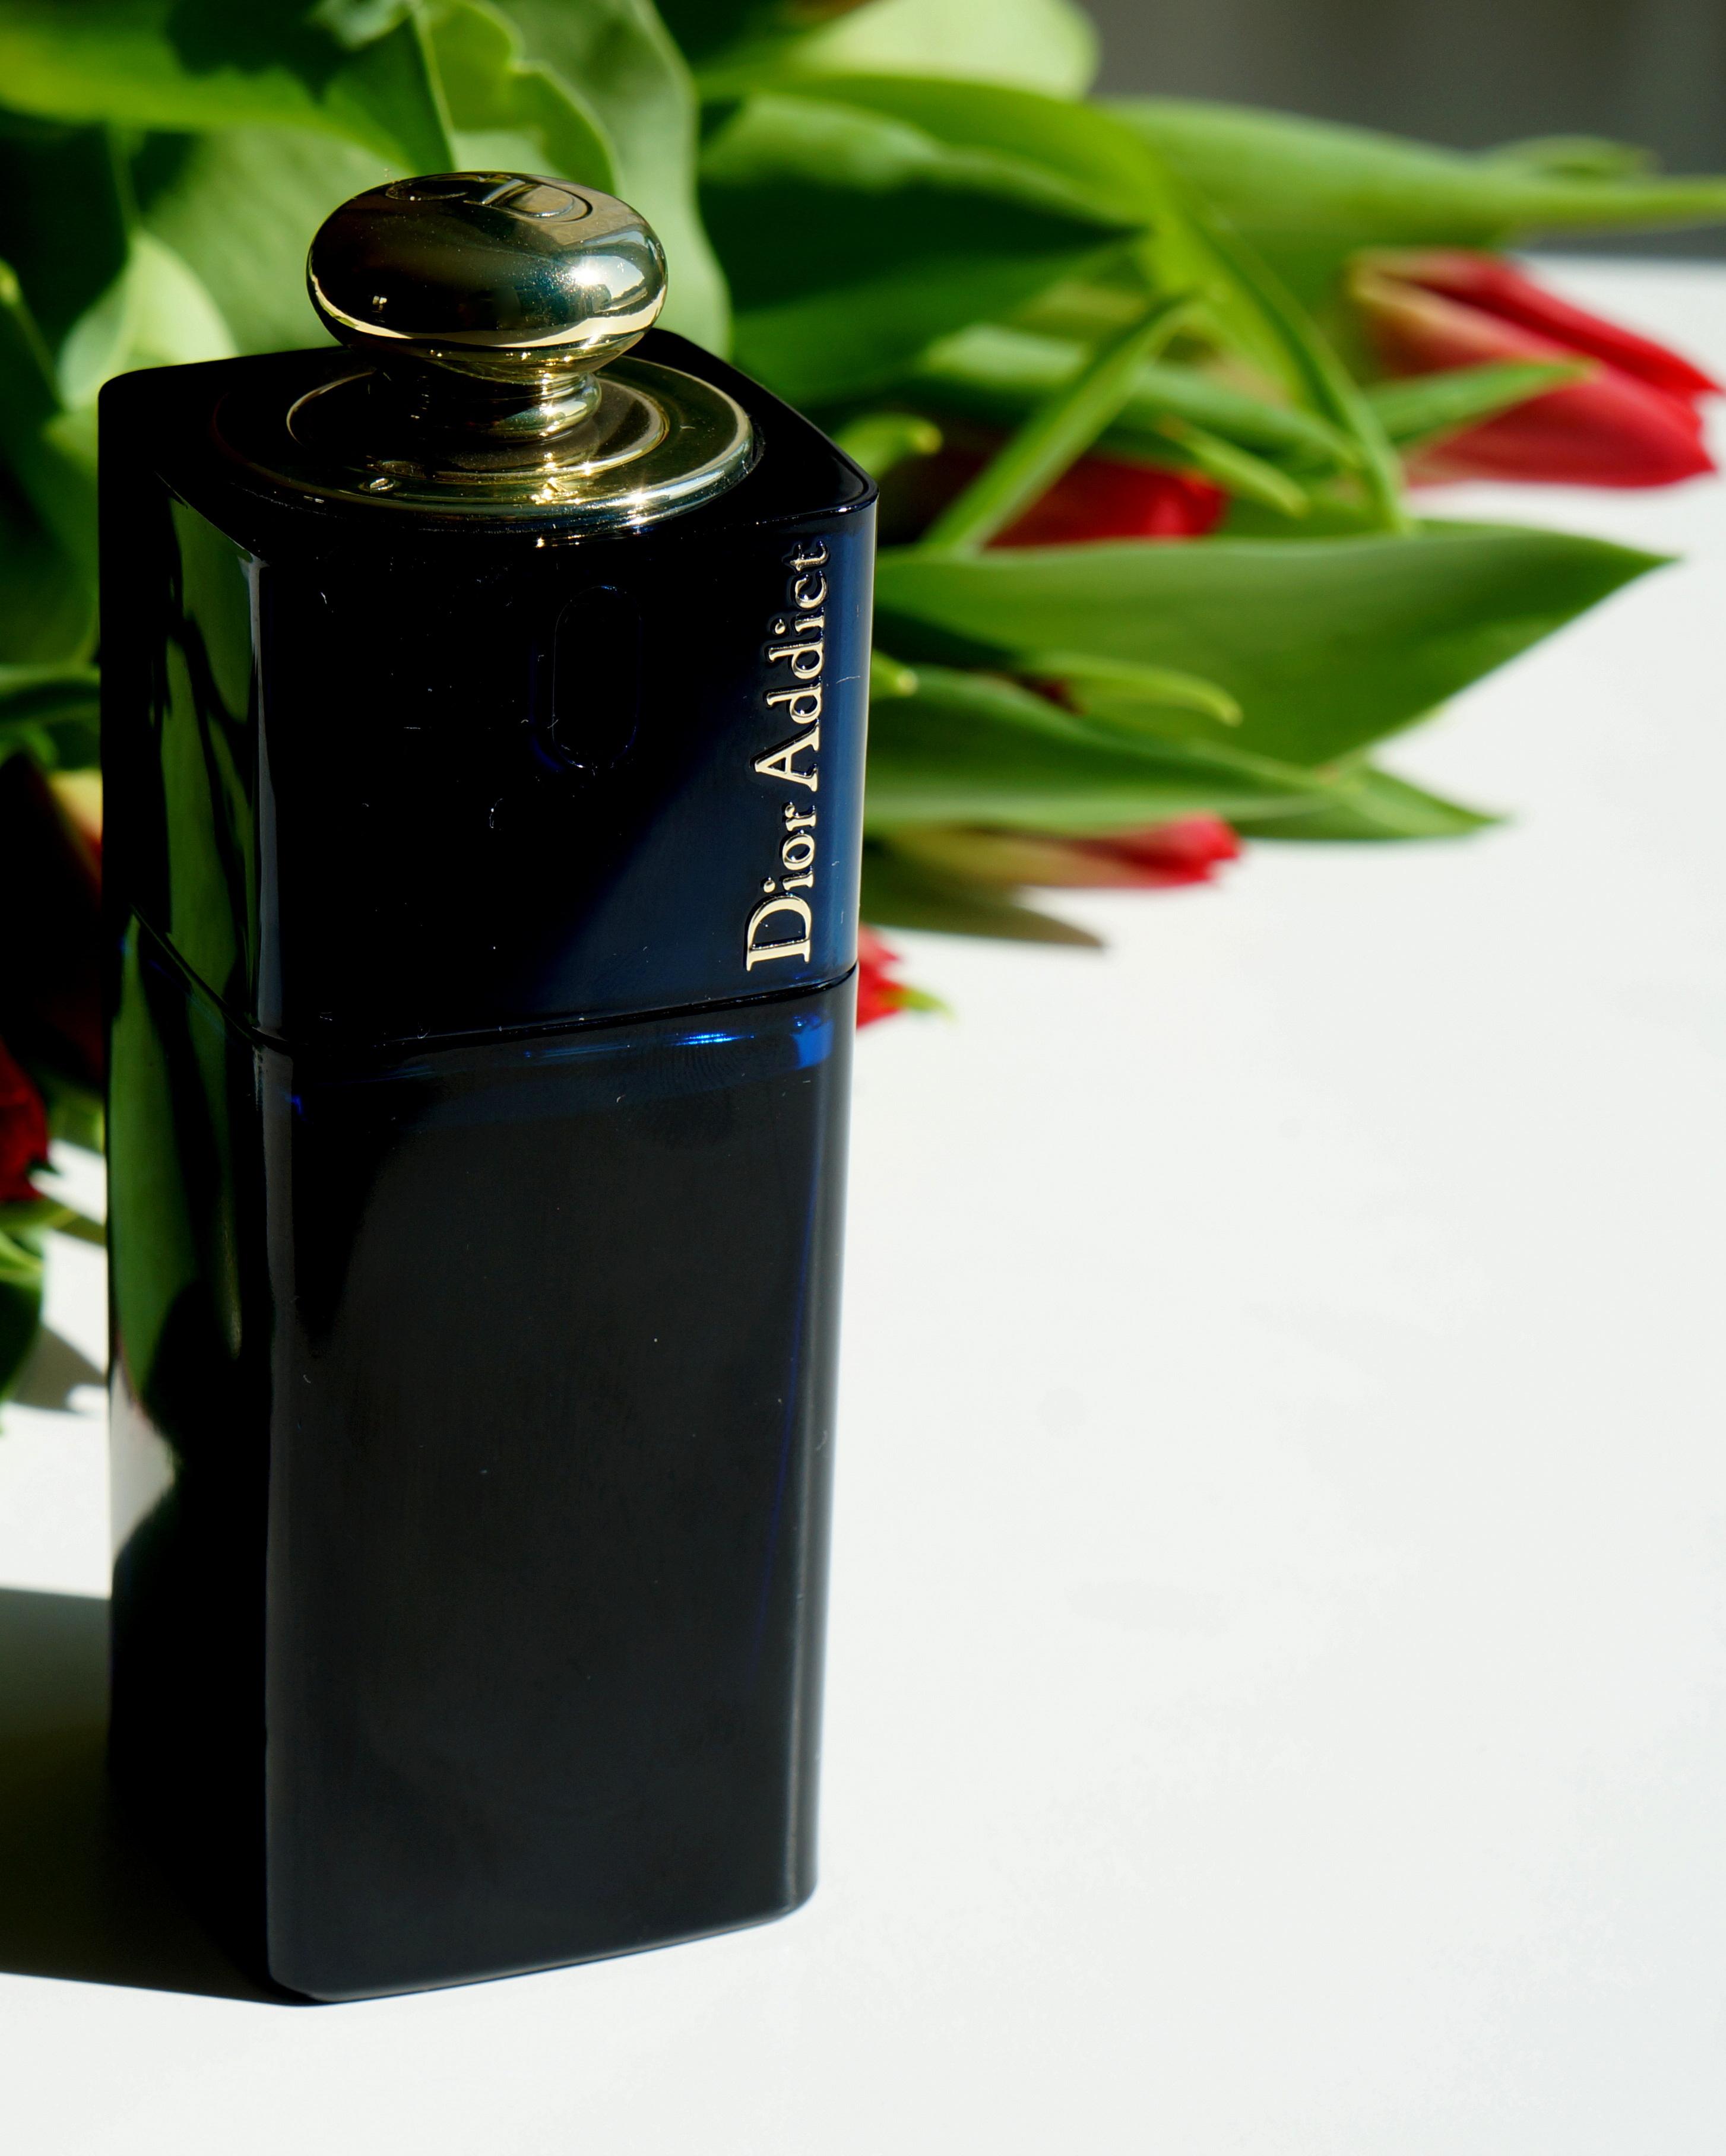 dior addict edpholiczka blog o perfumach